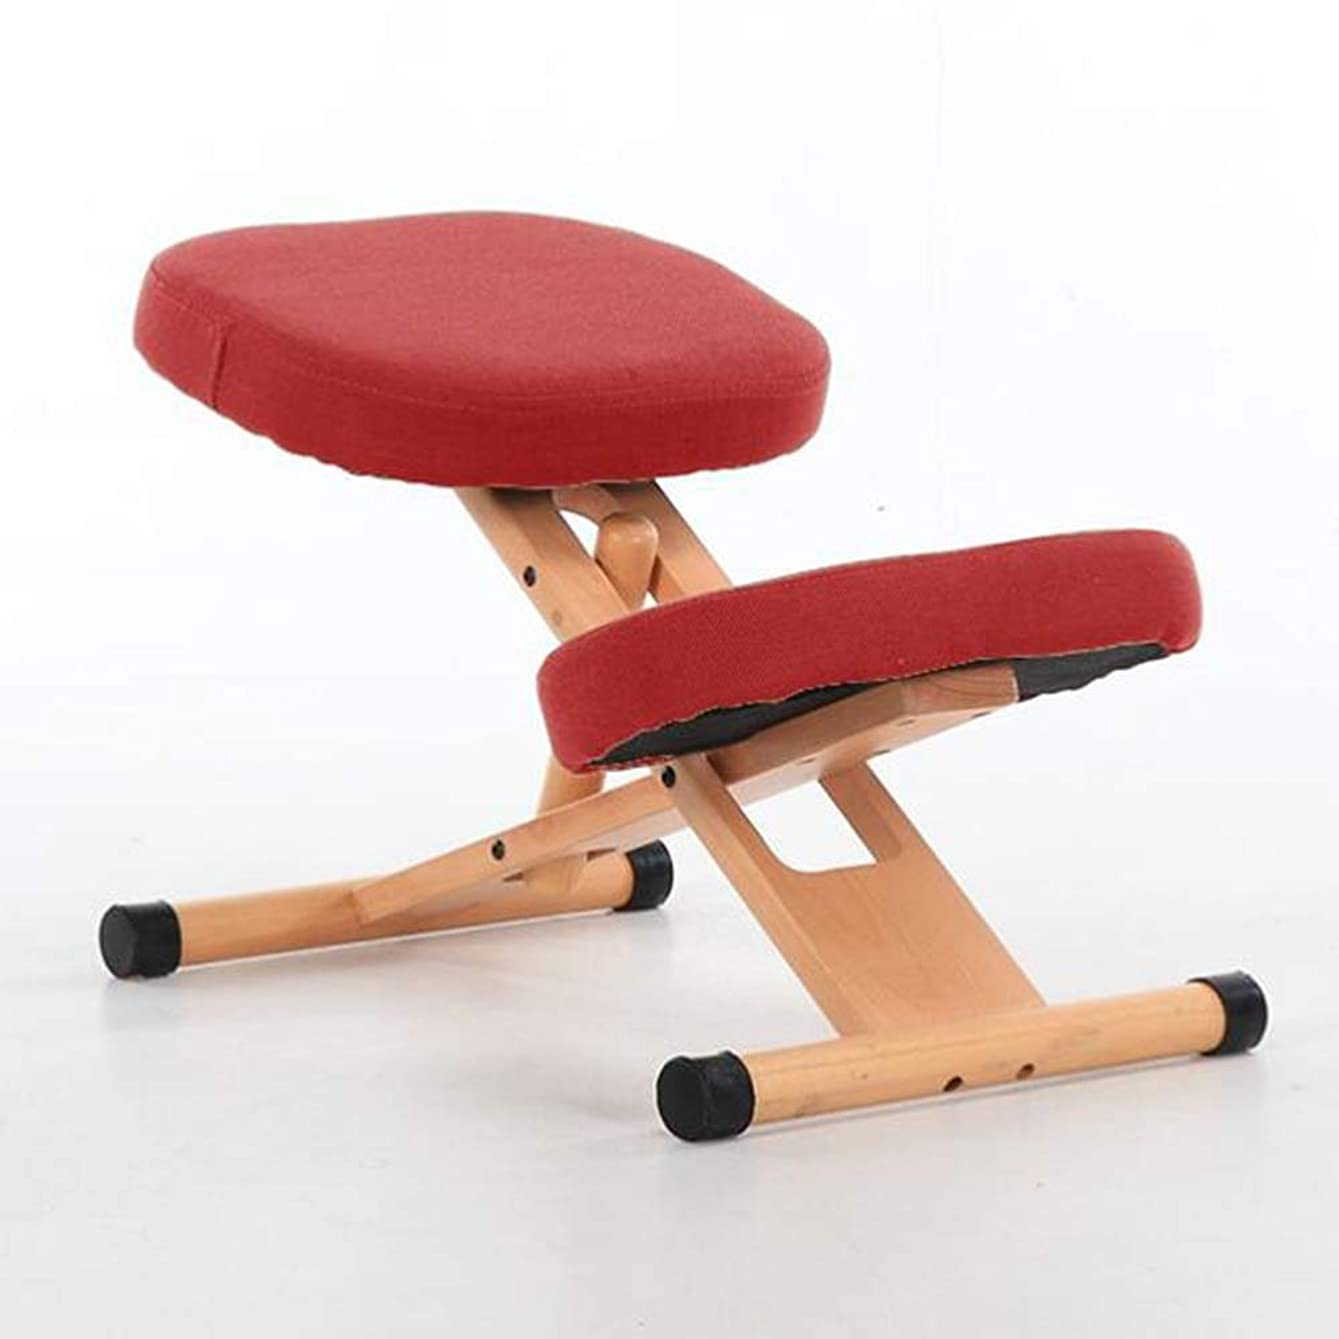 相対サイズ苦味繁殖ひざまずく椅子、無垢材は上げられ、人間工学に基づいたひざまずく椅子の姿勢矯正椅子を下げることができます、背圧を緩和し、長時間座ります(色:赤)